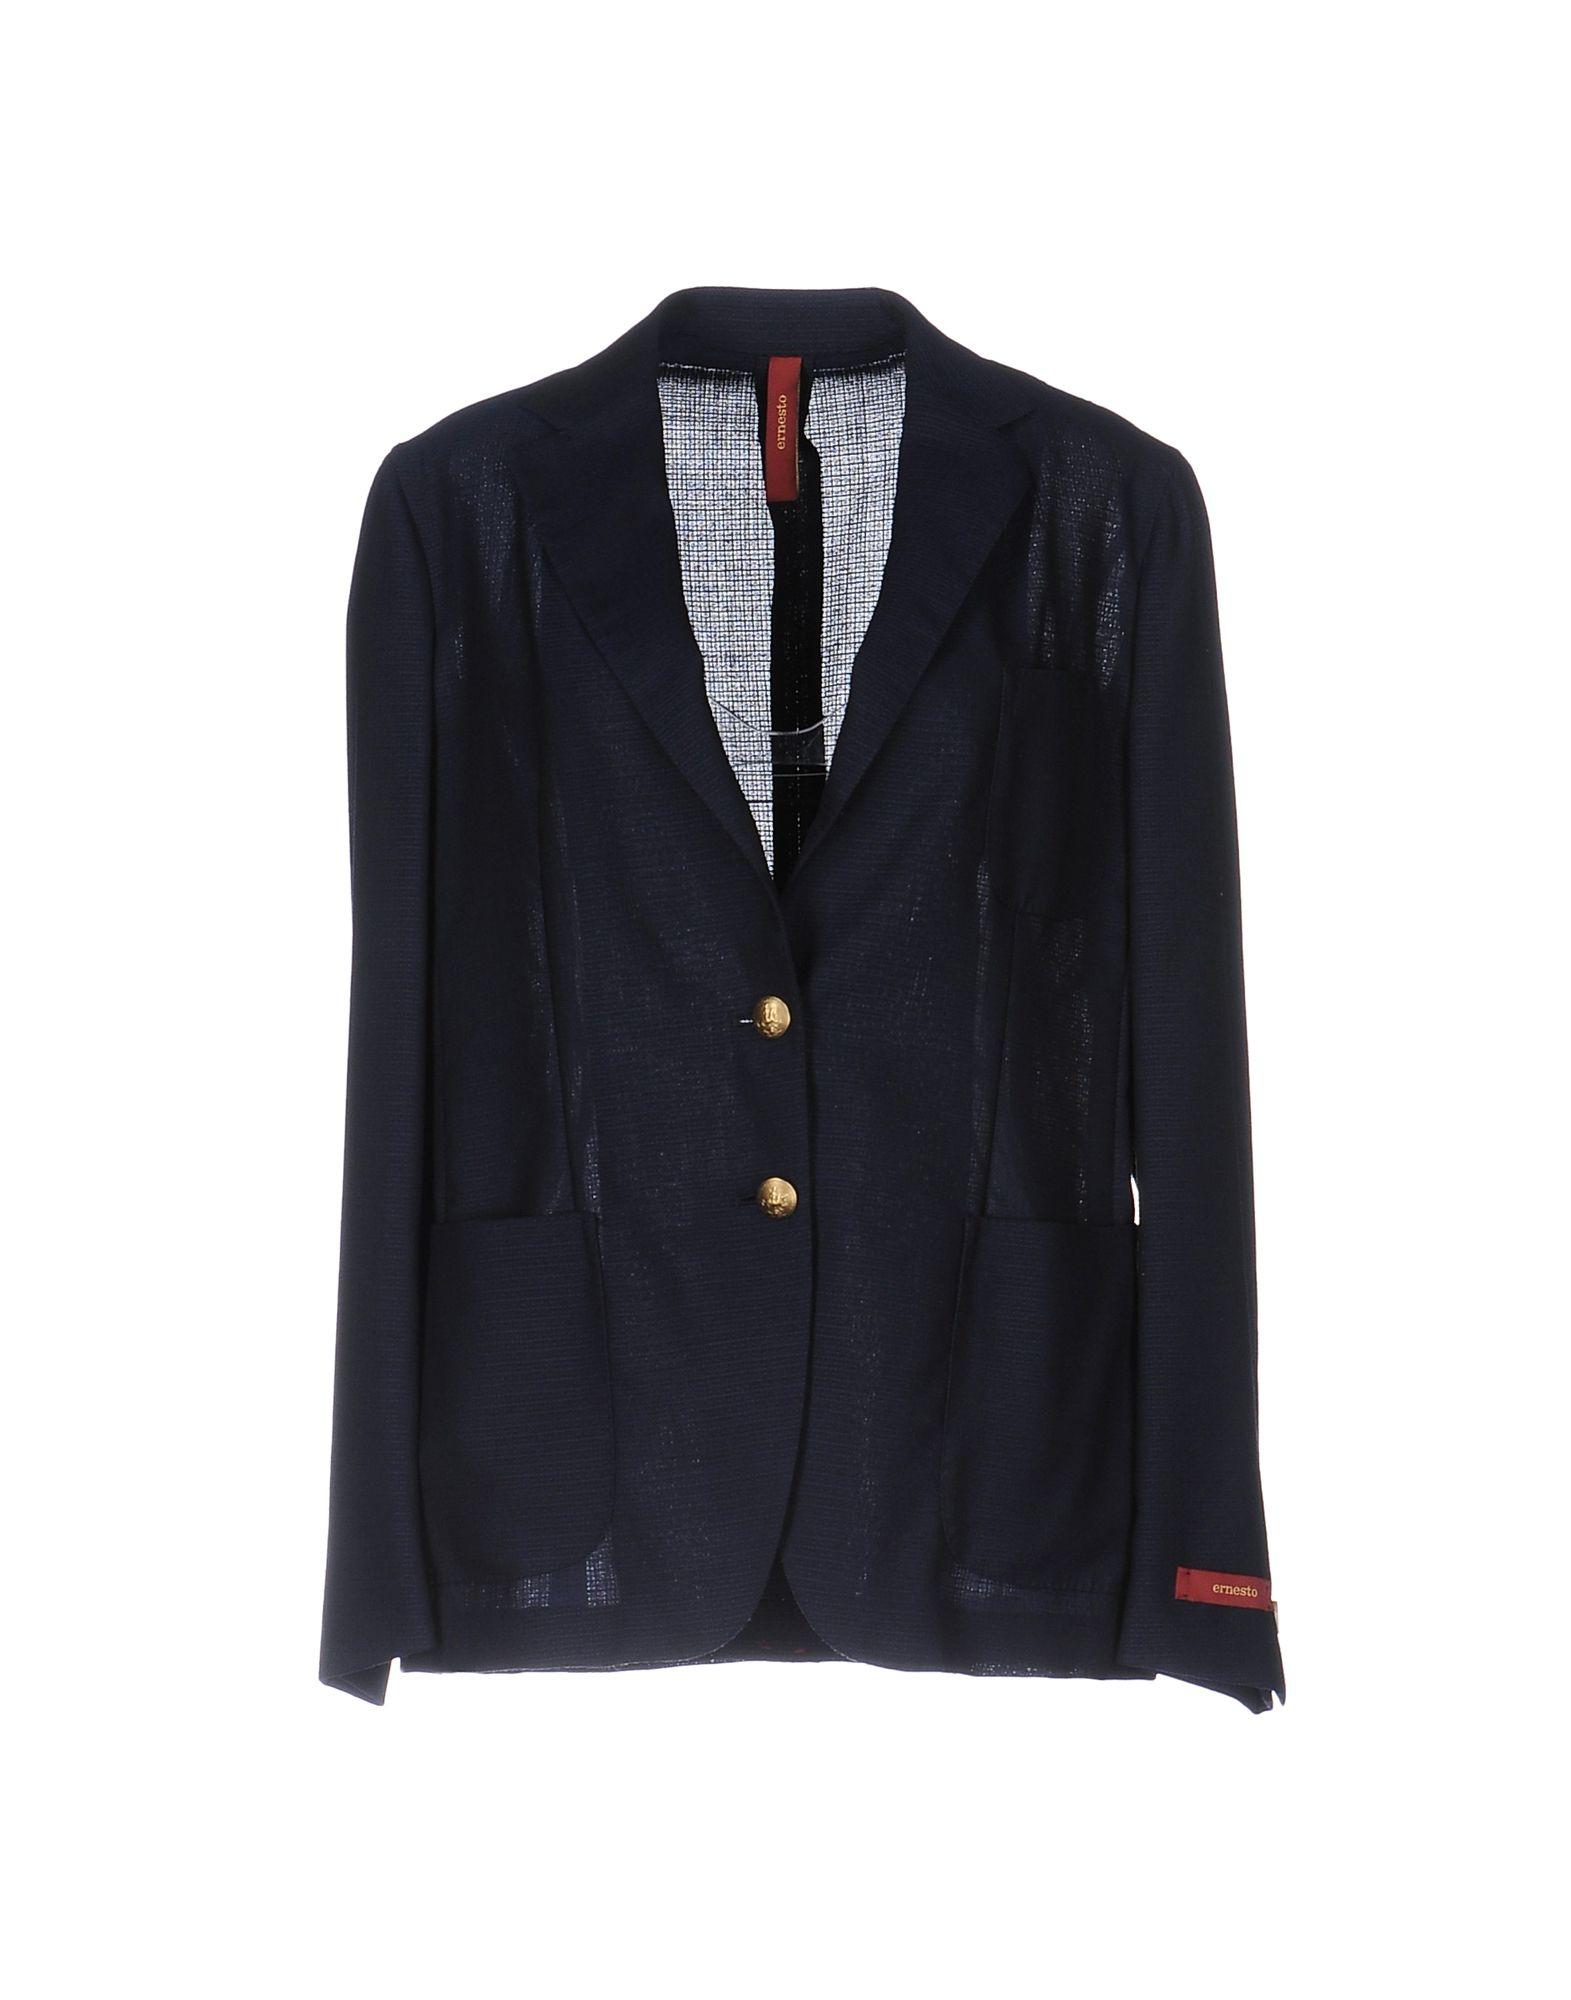 ERNESTO Damen Jackett Farbe Dunkelblau Größe 3 jetztbilligerkaufen